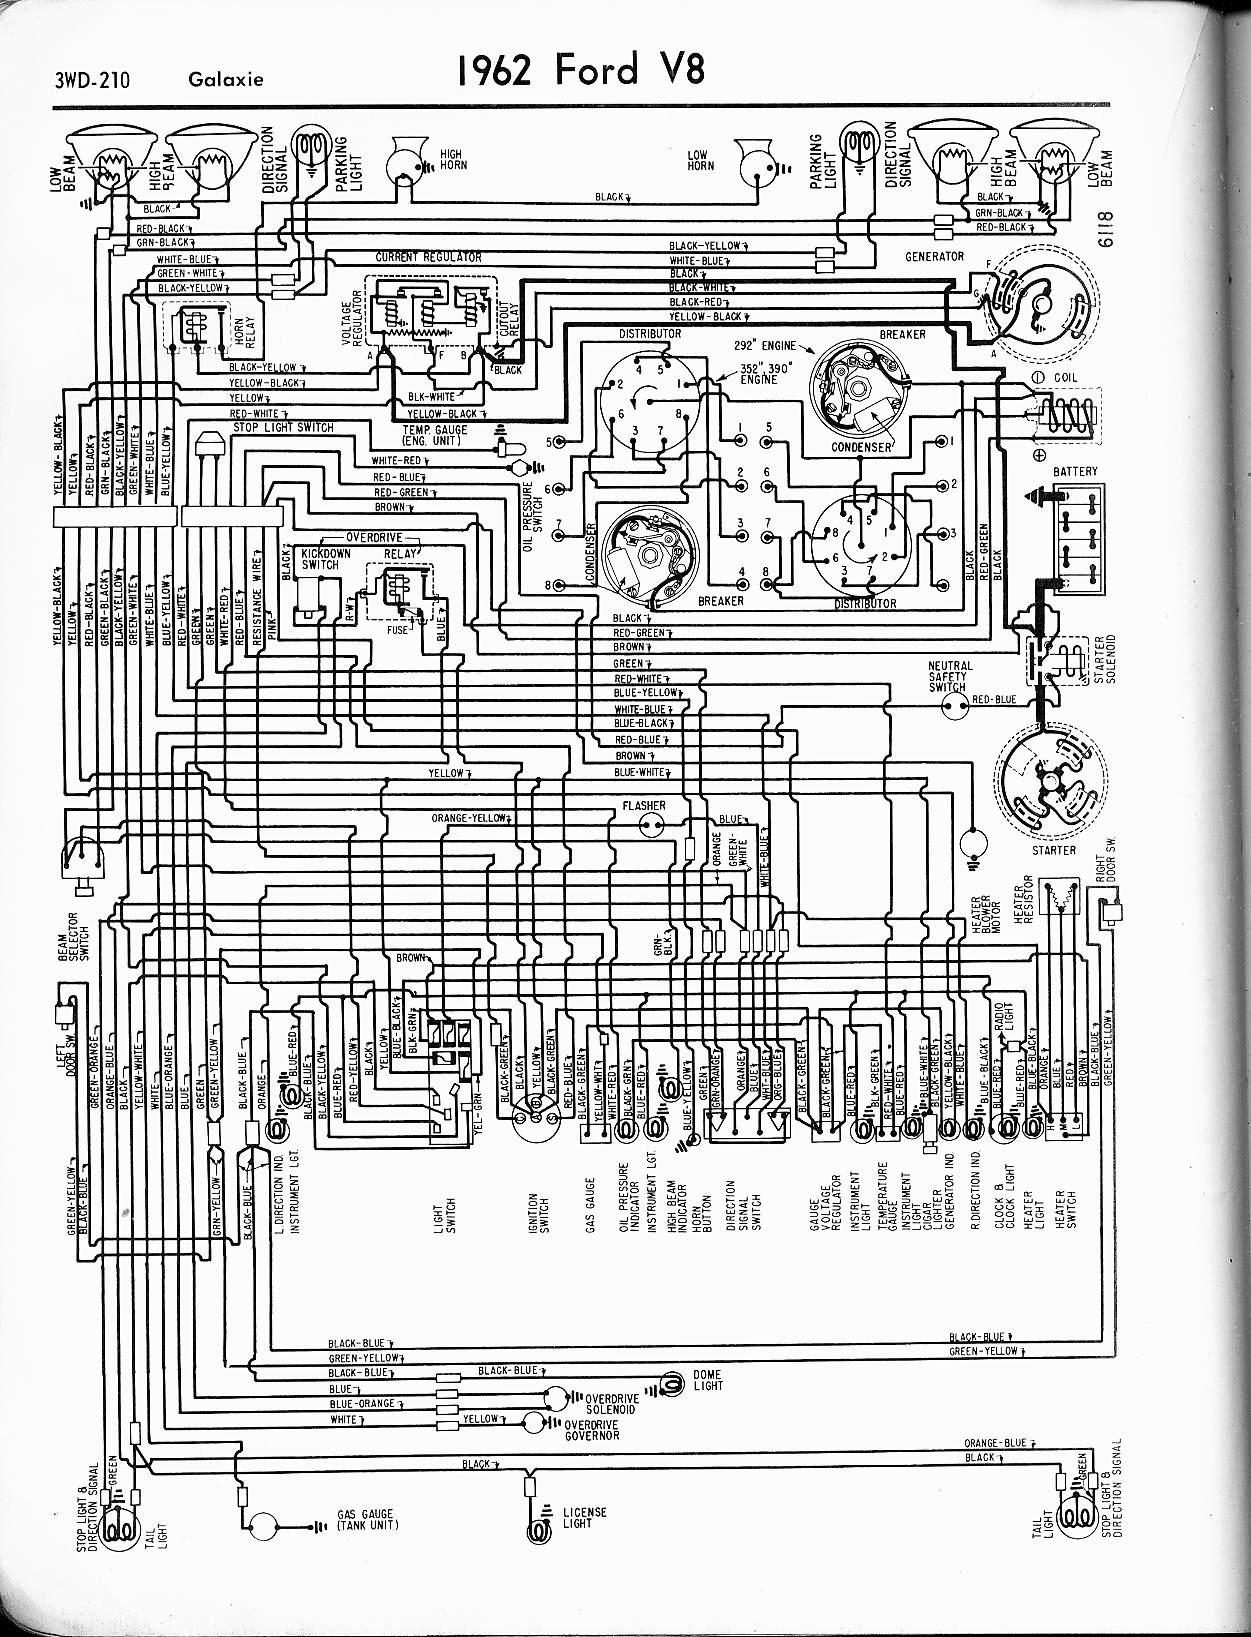 ford f1 wiring diagram wv 5375  isuzu npr wiring diagram additionally 1965 ford falcon  wv 5375  isuzu npr wiring diagram